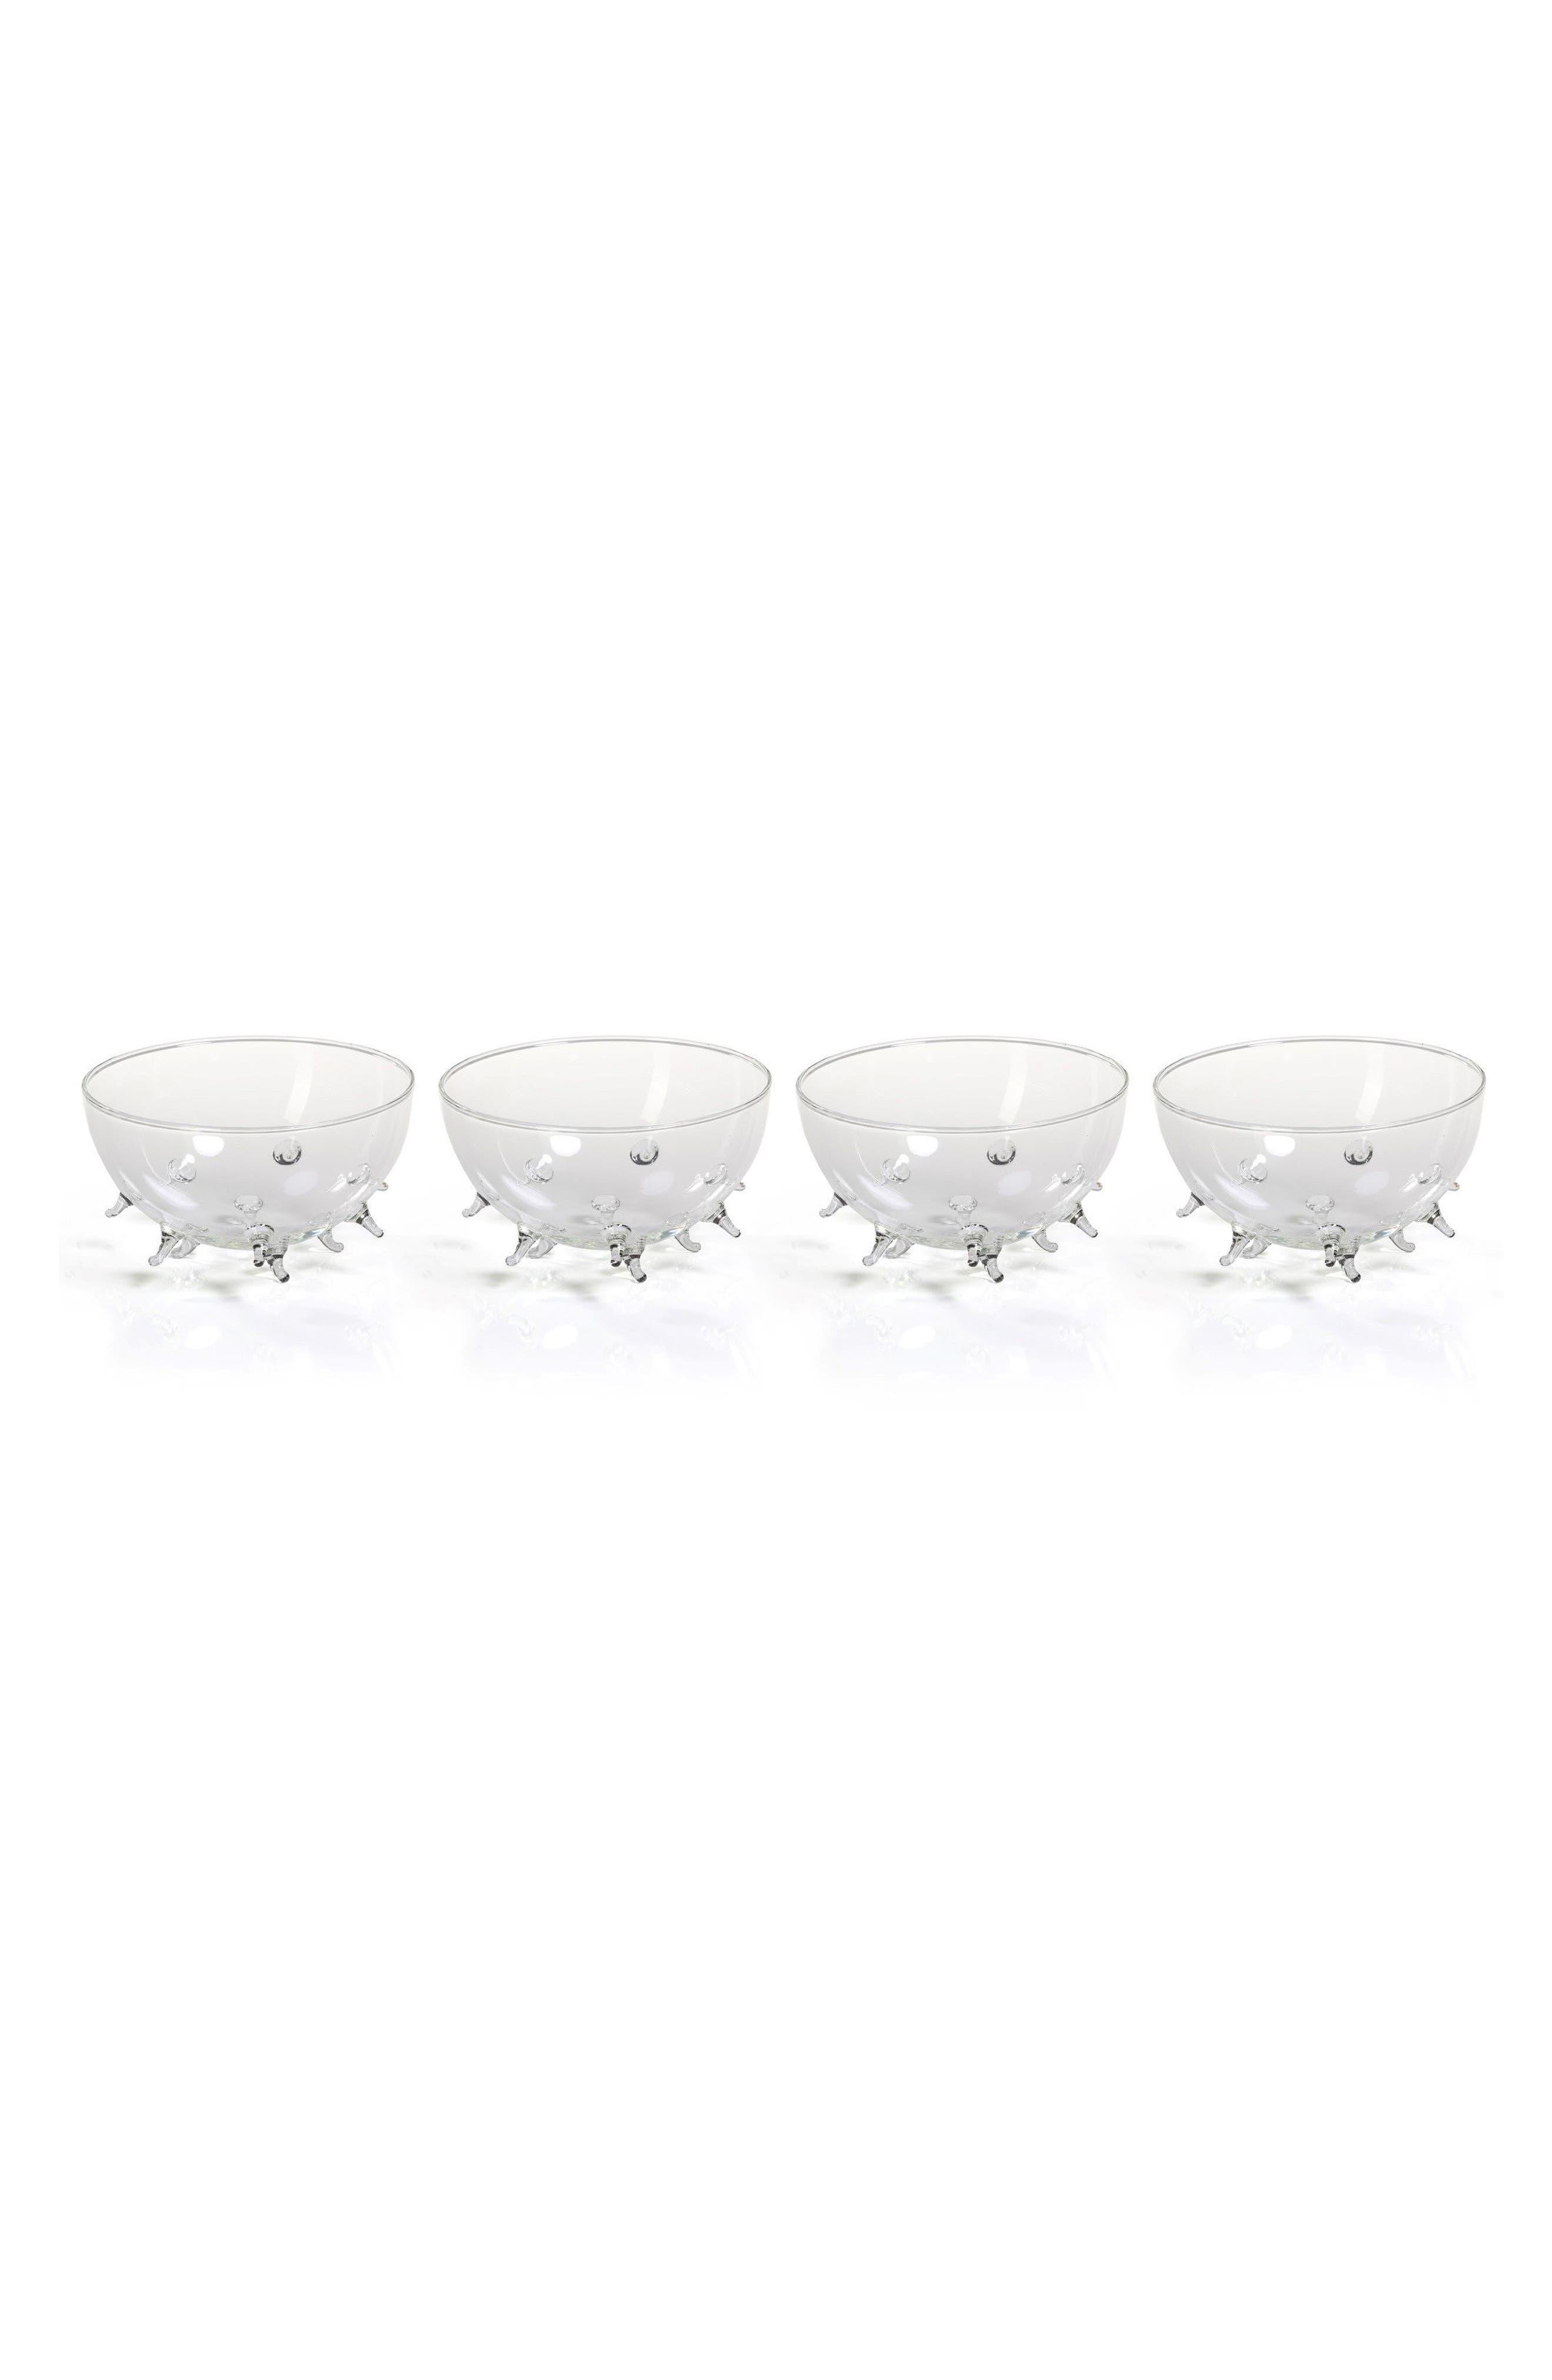 Suri Set of 4 Bowls,                         Main,                         color, 100